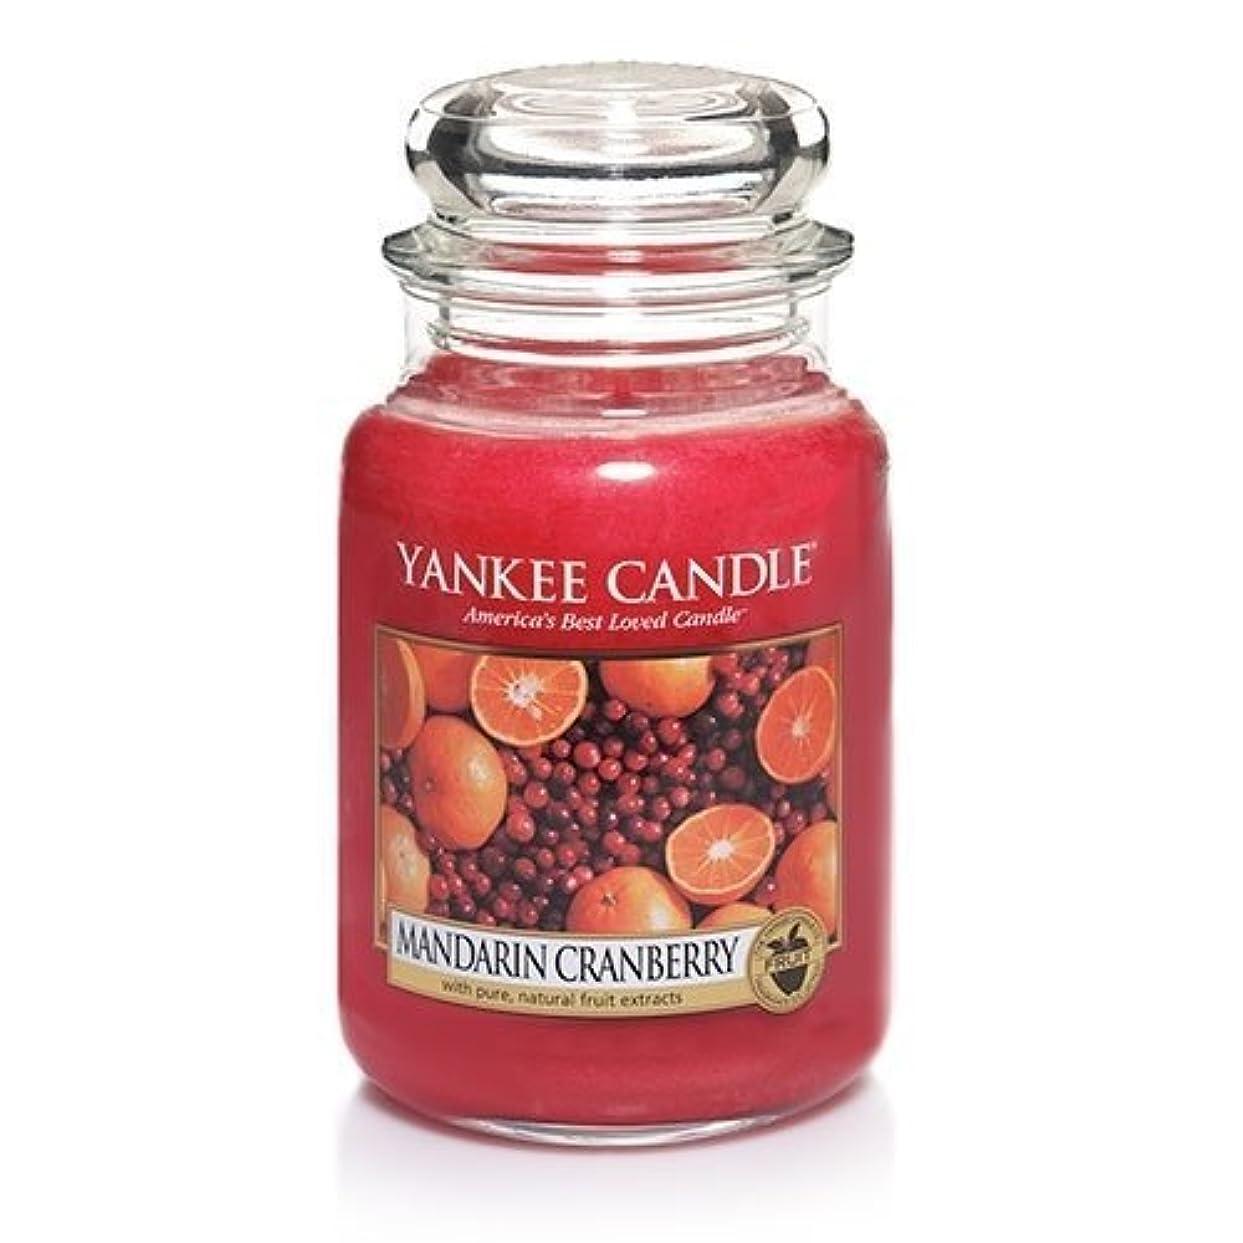 パッチ謙虚な注目すべきMandarin Cranberry Large Scented Jar by Yankee Candle [並行輸入品]